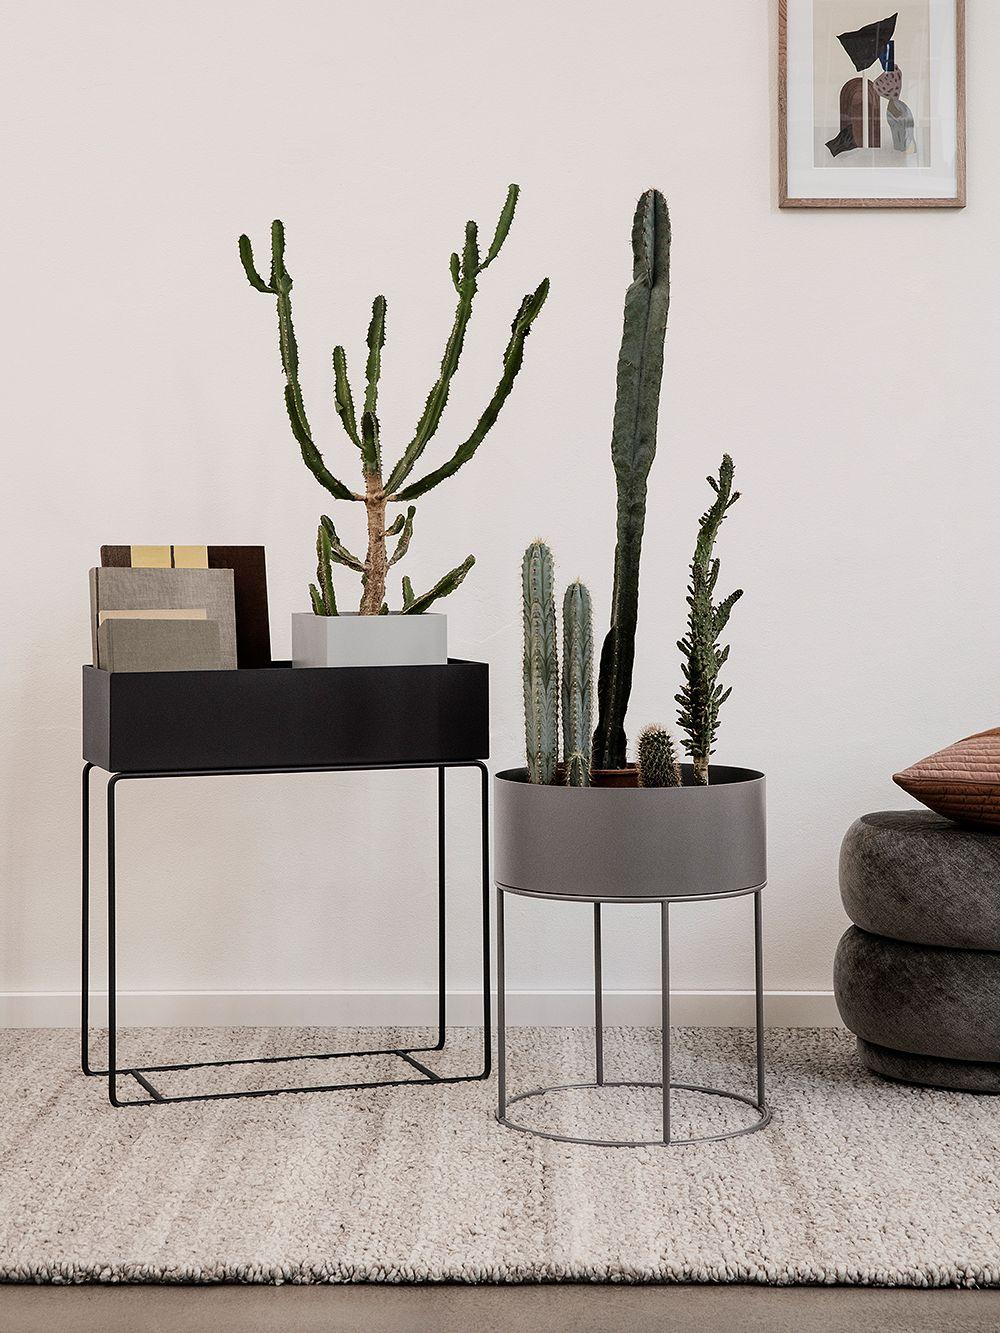 蕨类植物箱